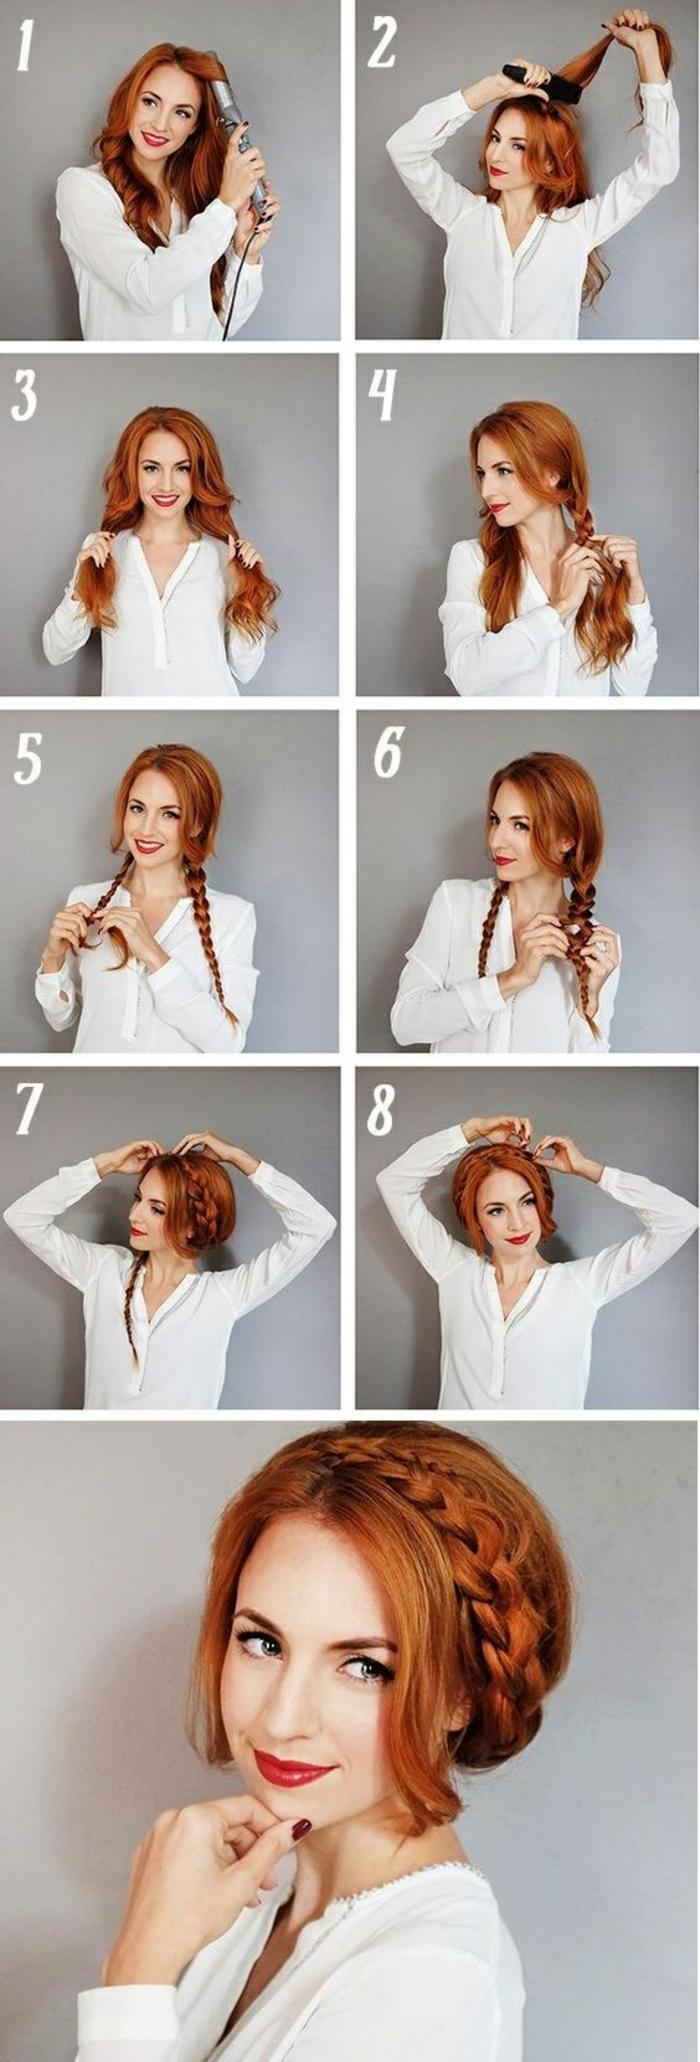 flechtfrisuren selber machen - dame mit weißer bluse und roten haaren